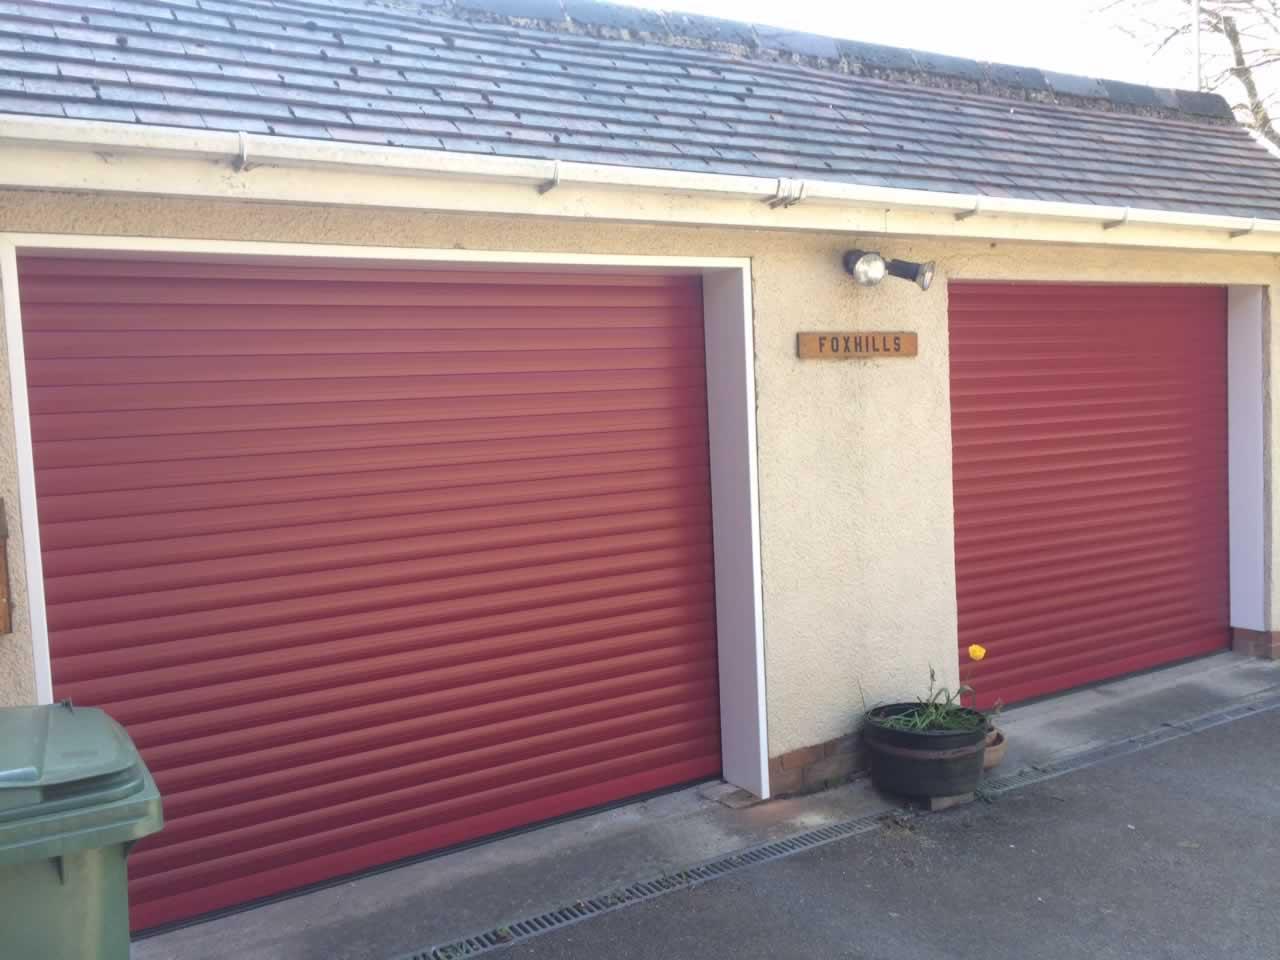 960 #7C3B49 Gallery Roller Garage Doors Progressive Systems (UK) save image Garage Doors Systems 35871280